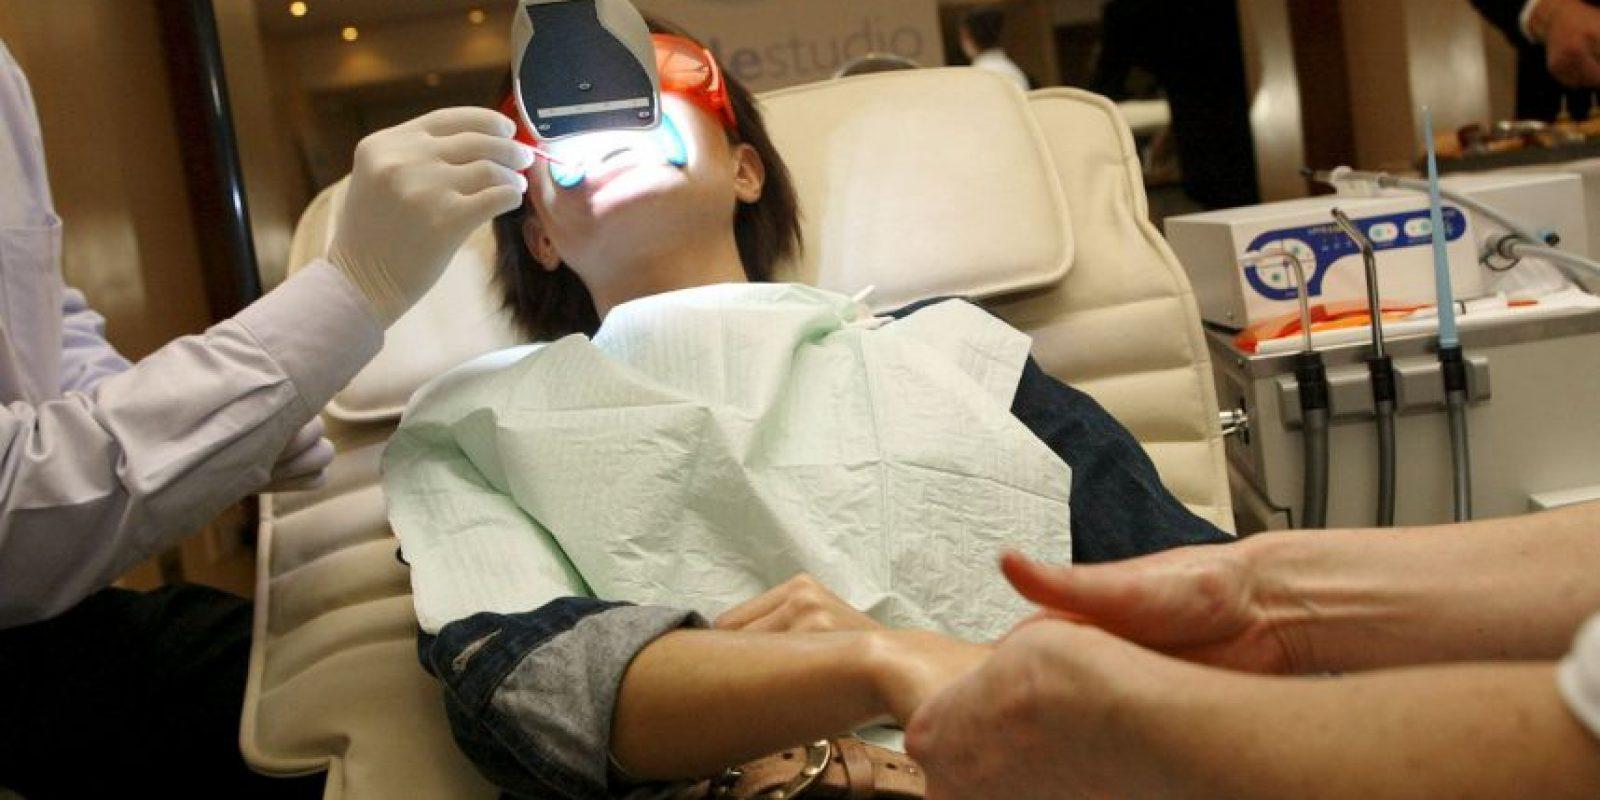 Por lo que utilizó unas tiras de blanqueamiento que contenían un kit dental. Foto:Getty Images